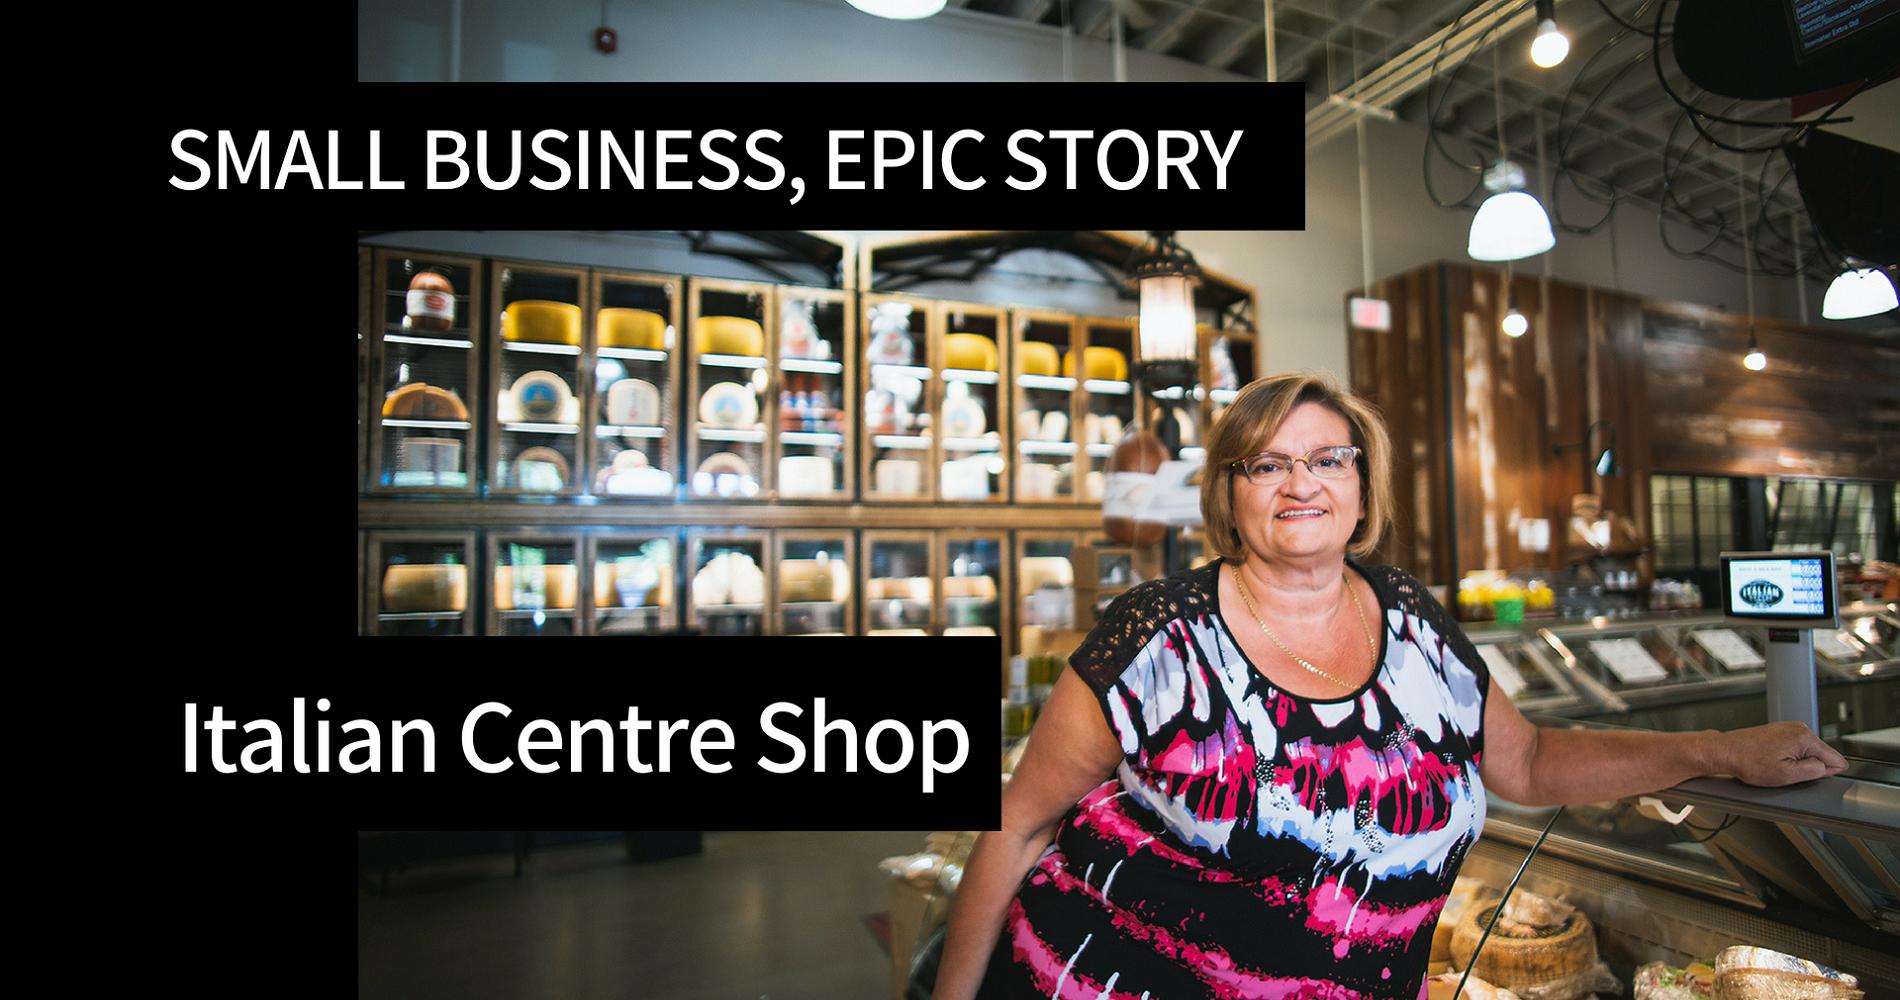 Italian Centre Shop Small Epic-1